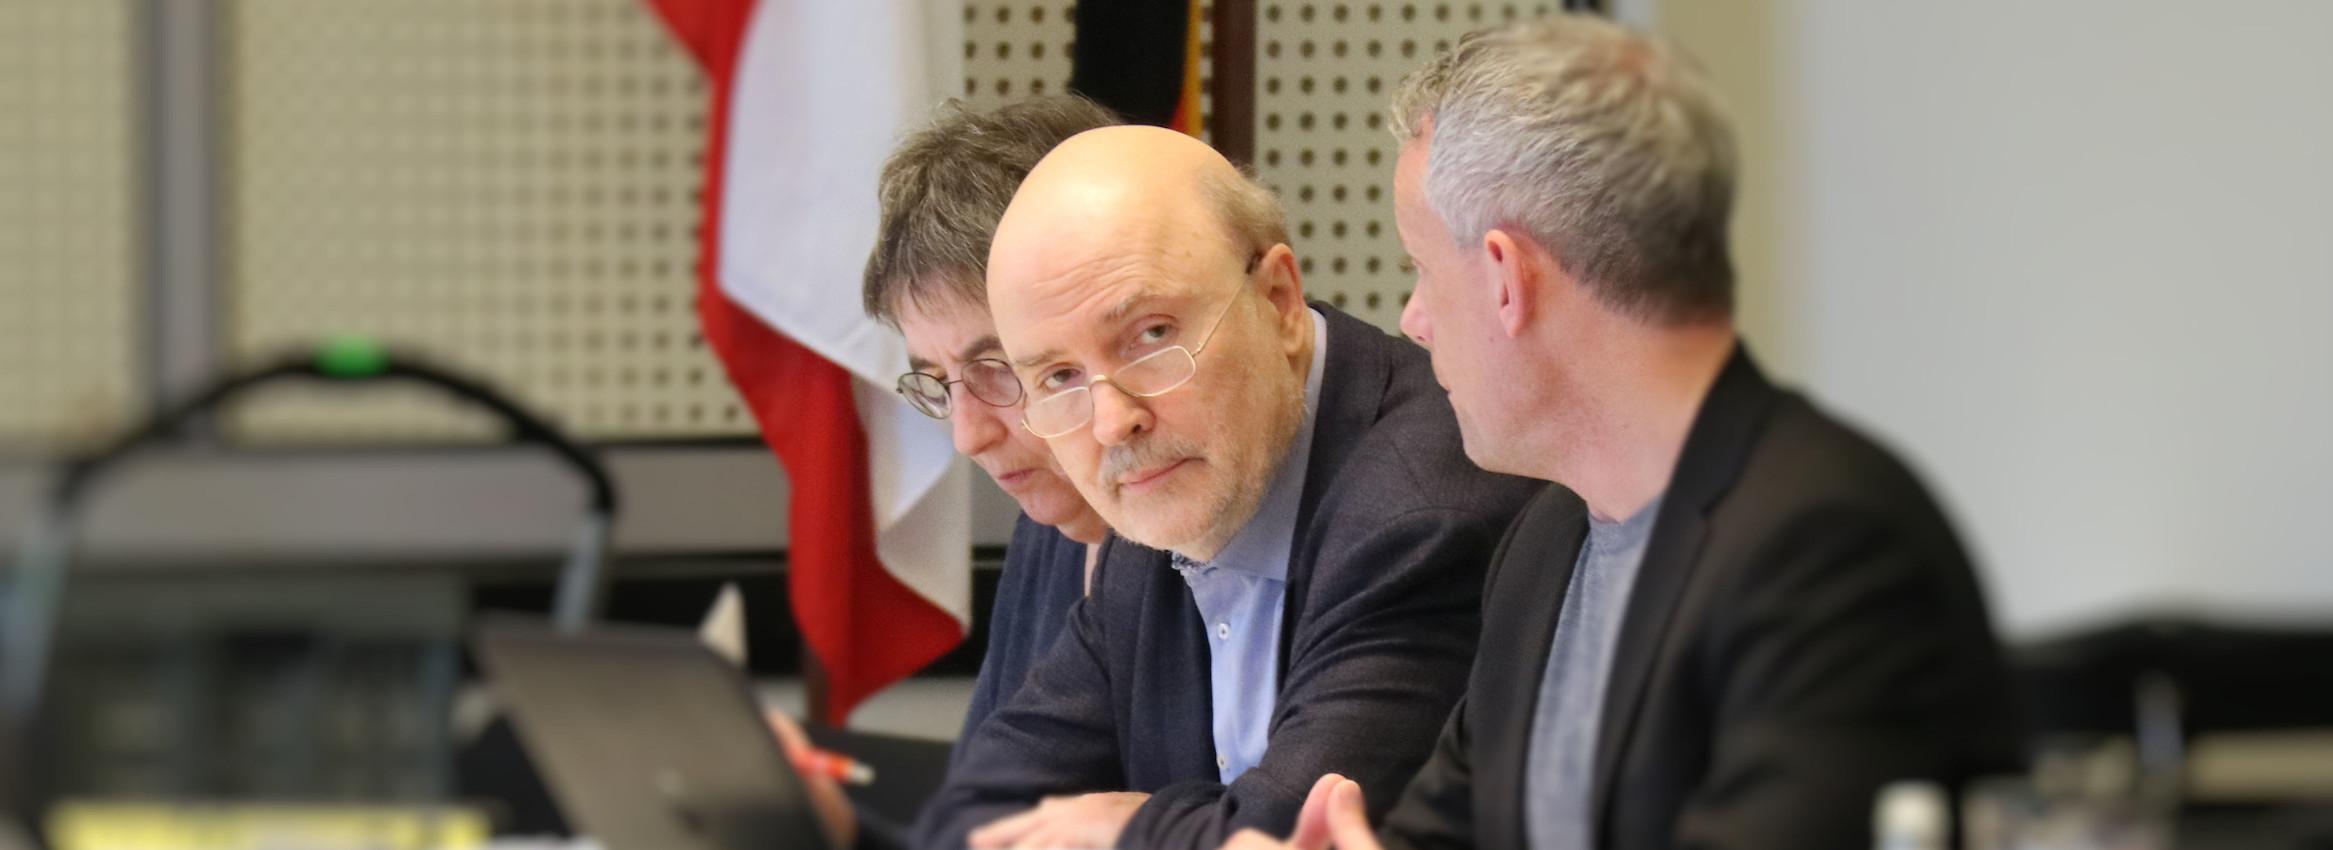 Jörg Stroedter